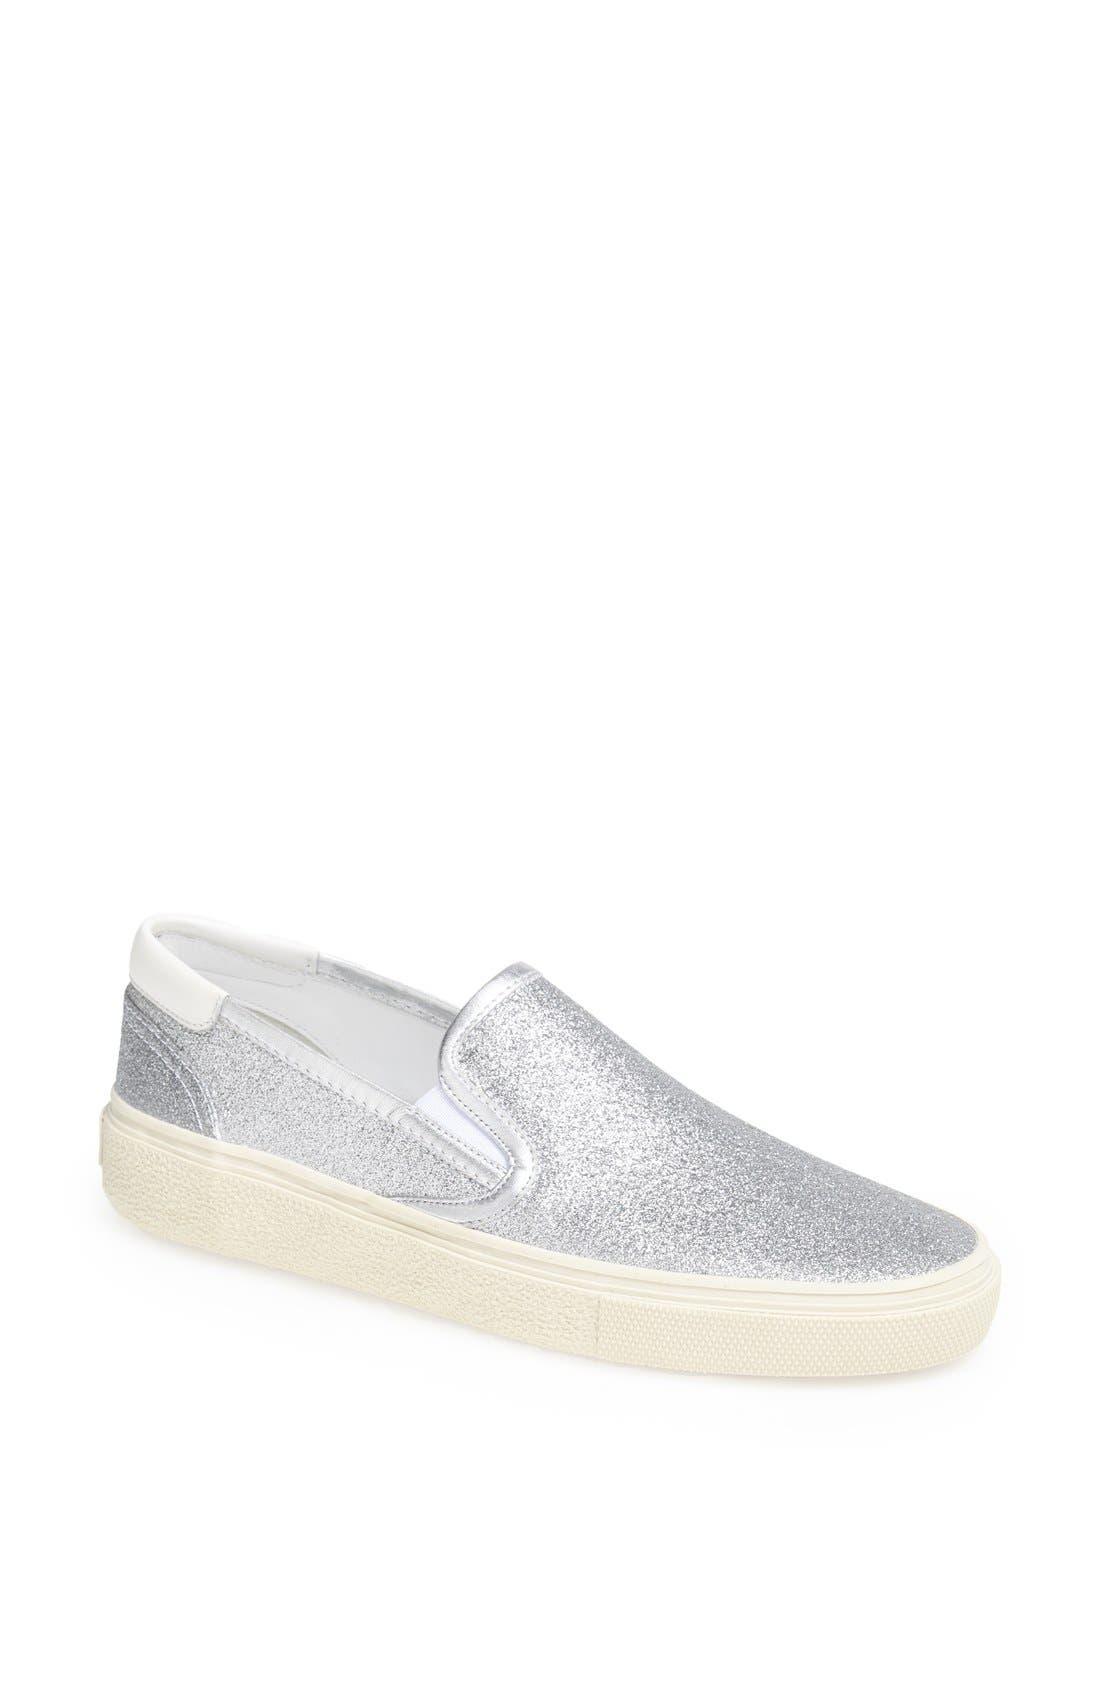 Main Image - Saint Laurent 'Skate 20' Glitter Slip-On Sneaker (Women)